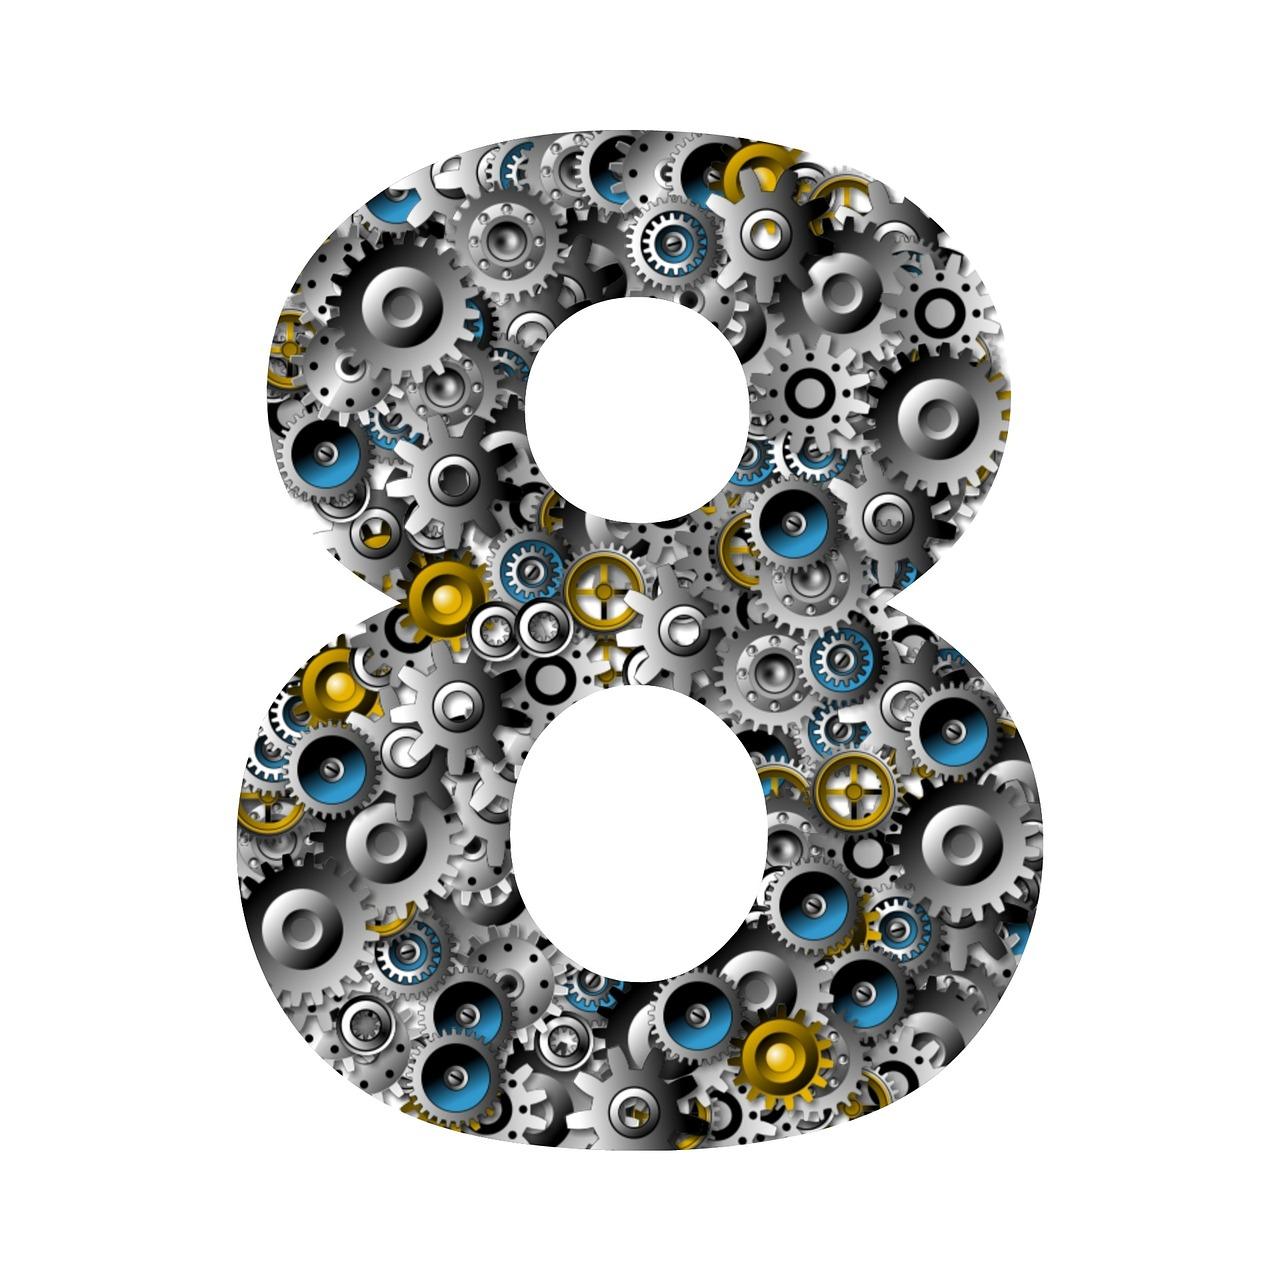 gears-1443877_1280.jpg